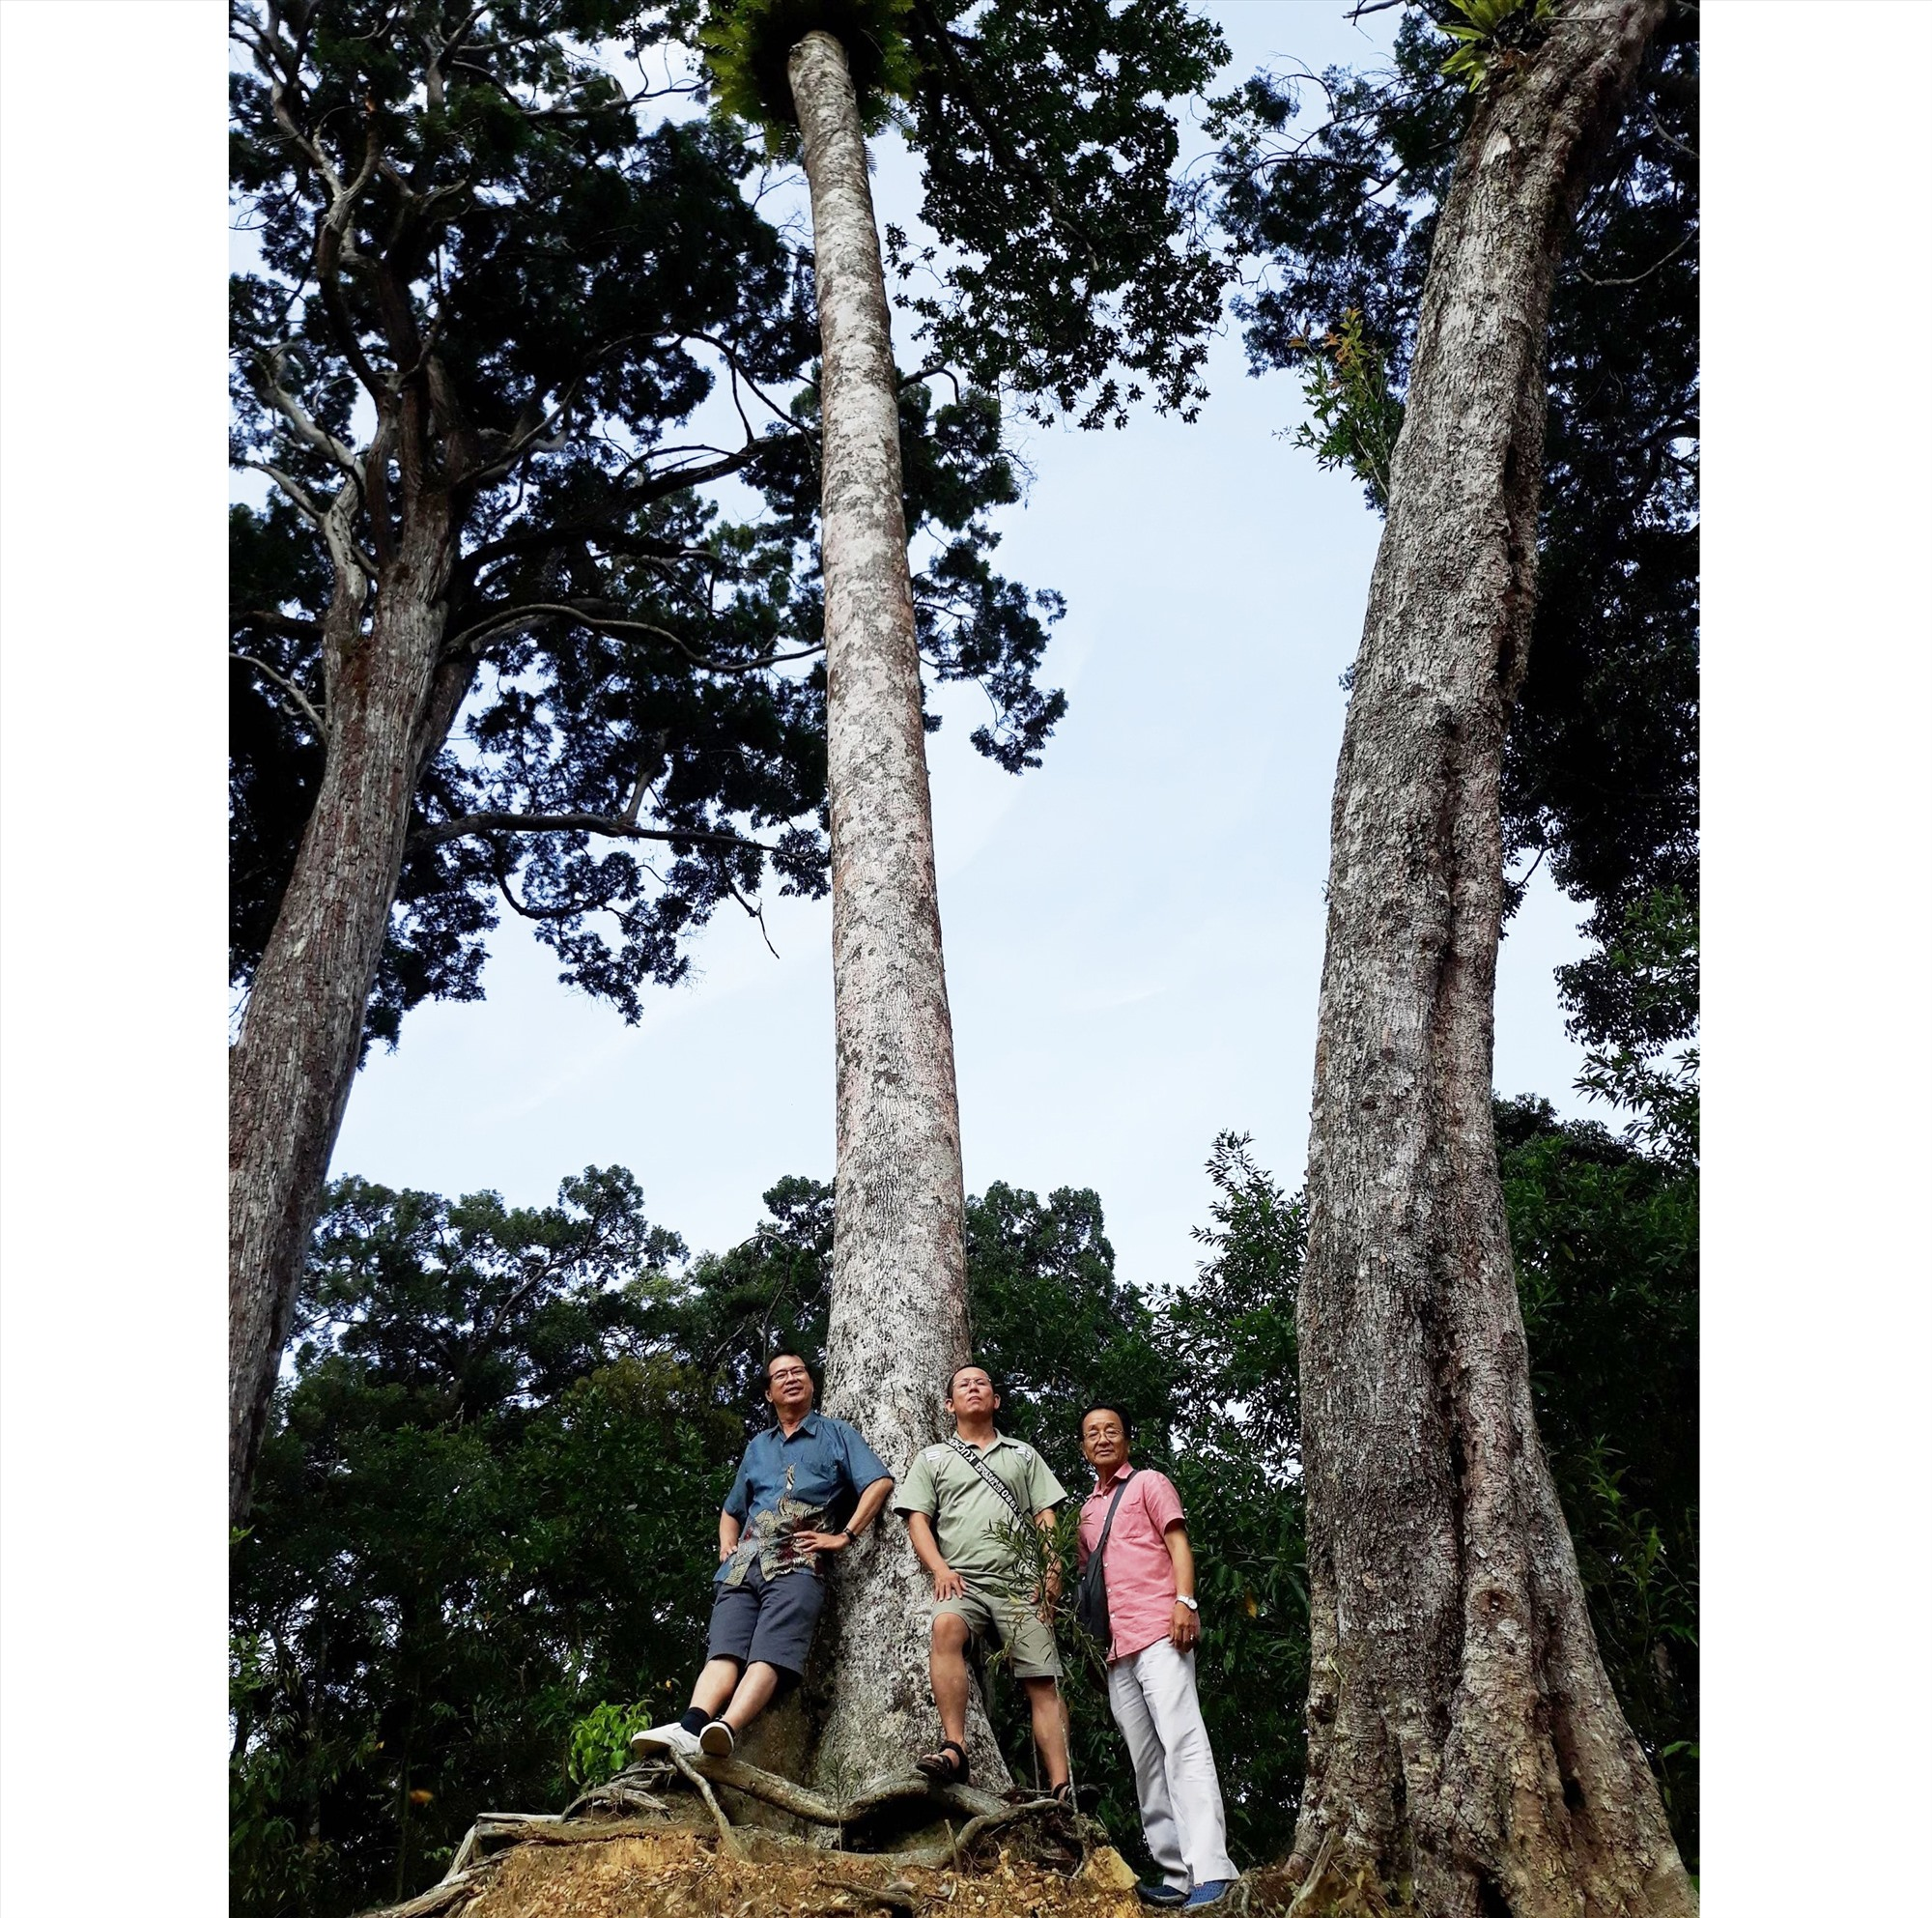 Khám phá rừng cây di sản Pơ mu ở Tây Giang. Ảnh: C.T.V